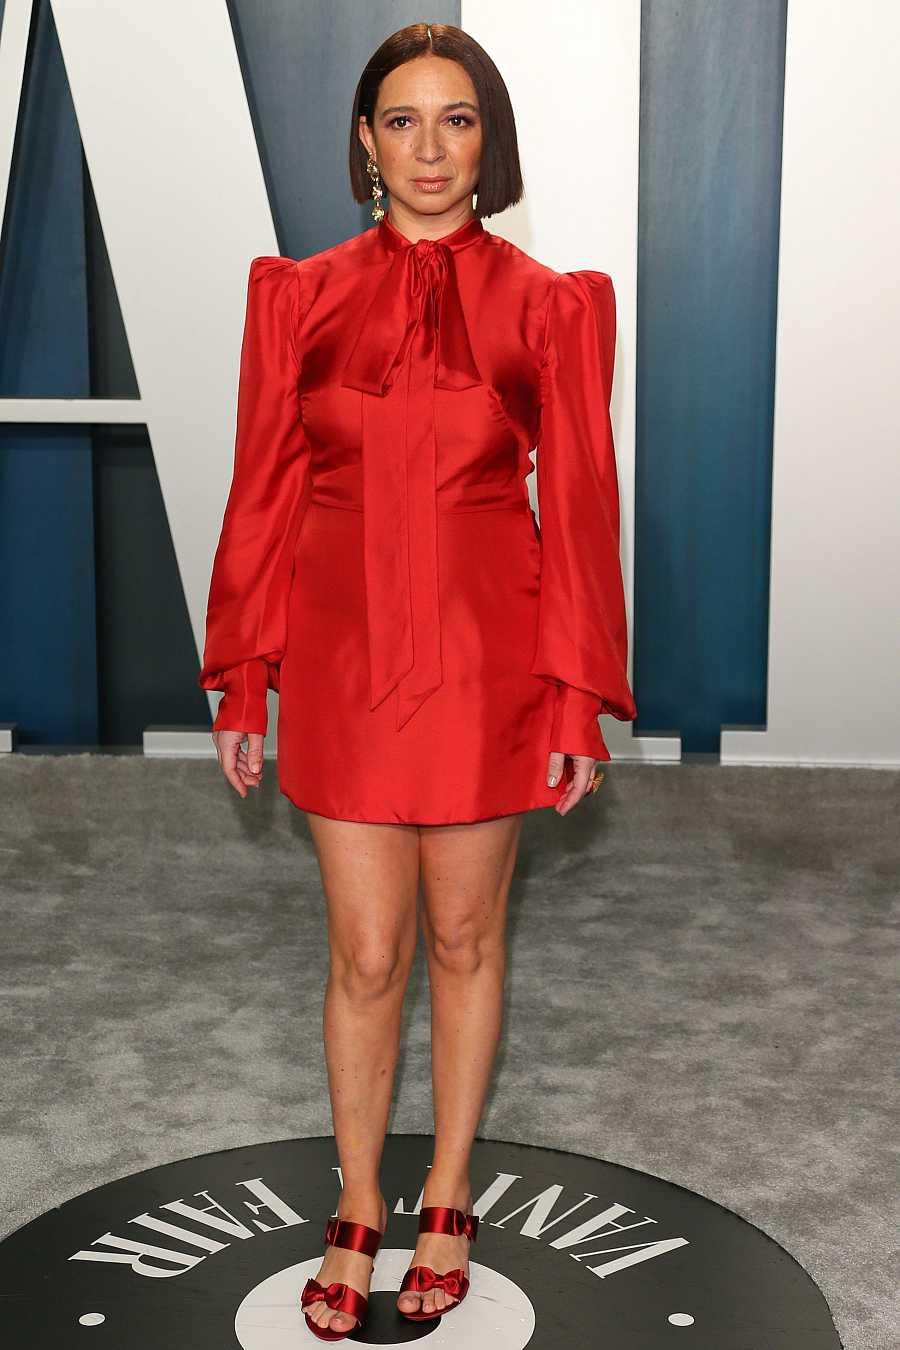 Maya Rudolph ha cambiado a un vestido rojo para la fiesta Vanity Fair de los Oscar 2020